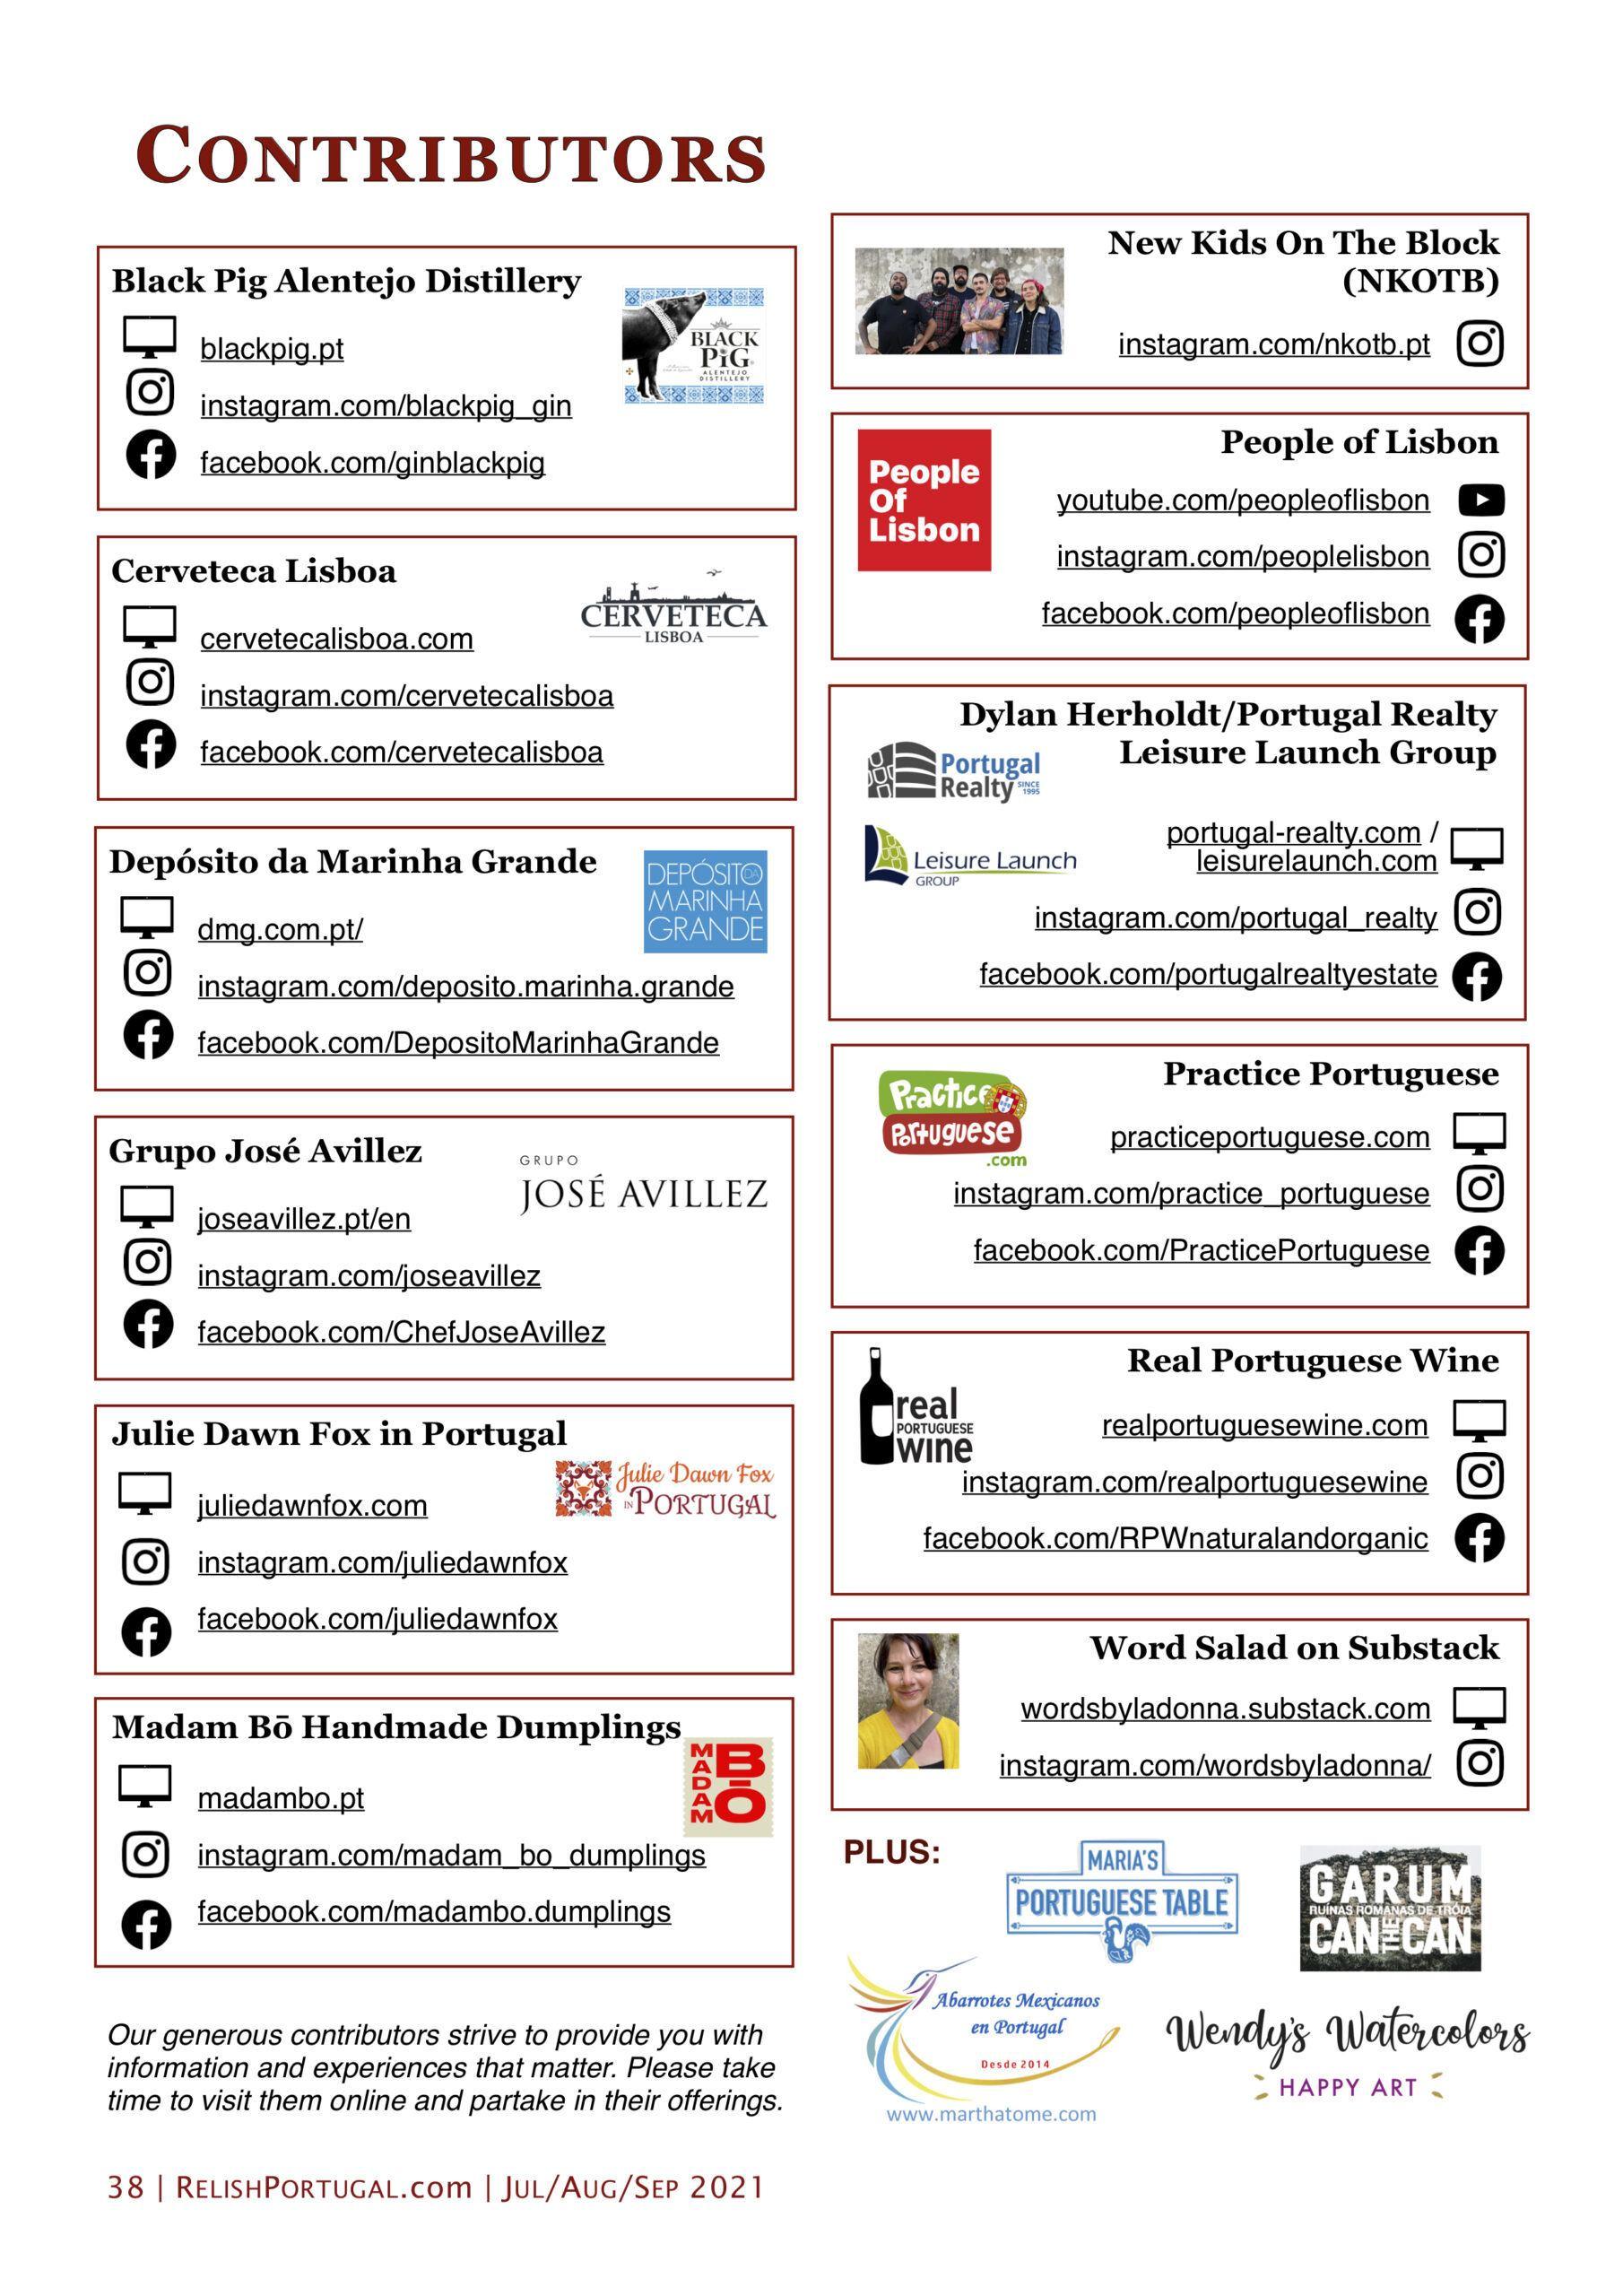 Relish Portugal Jul/Aug/Sep 2021 Contributors